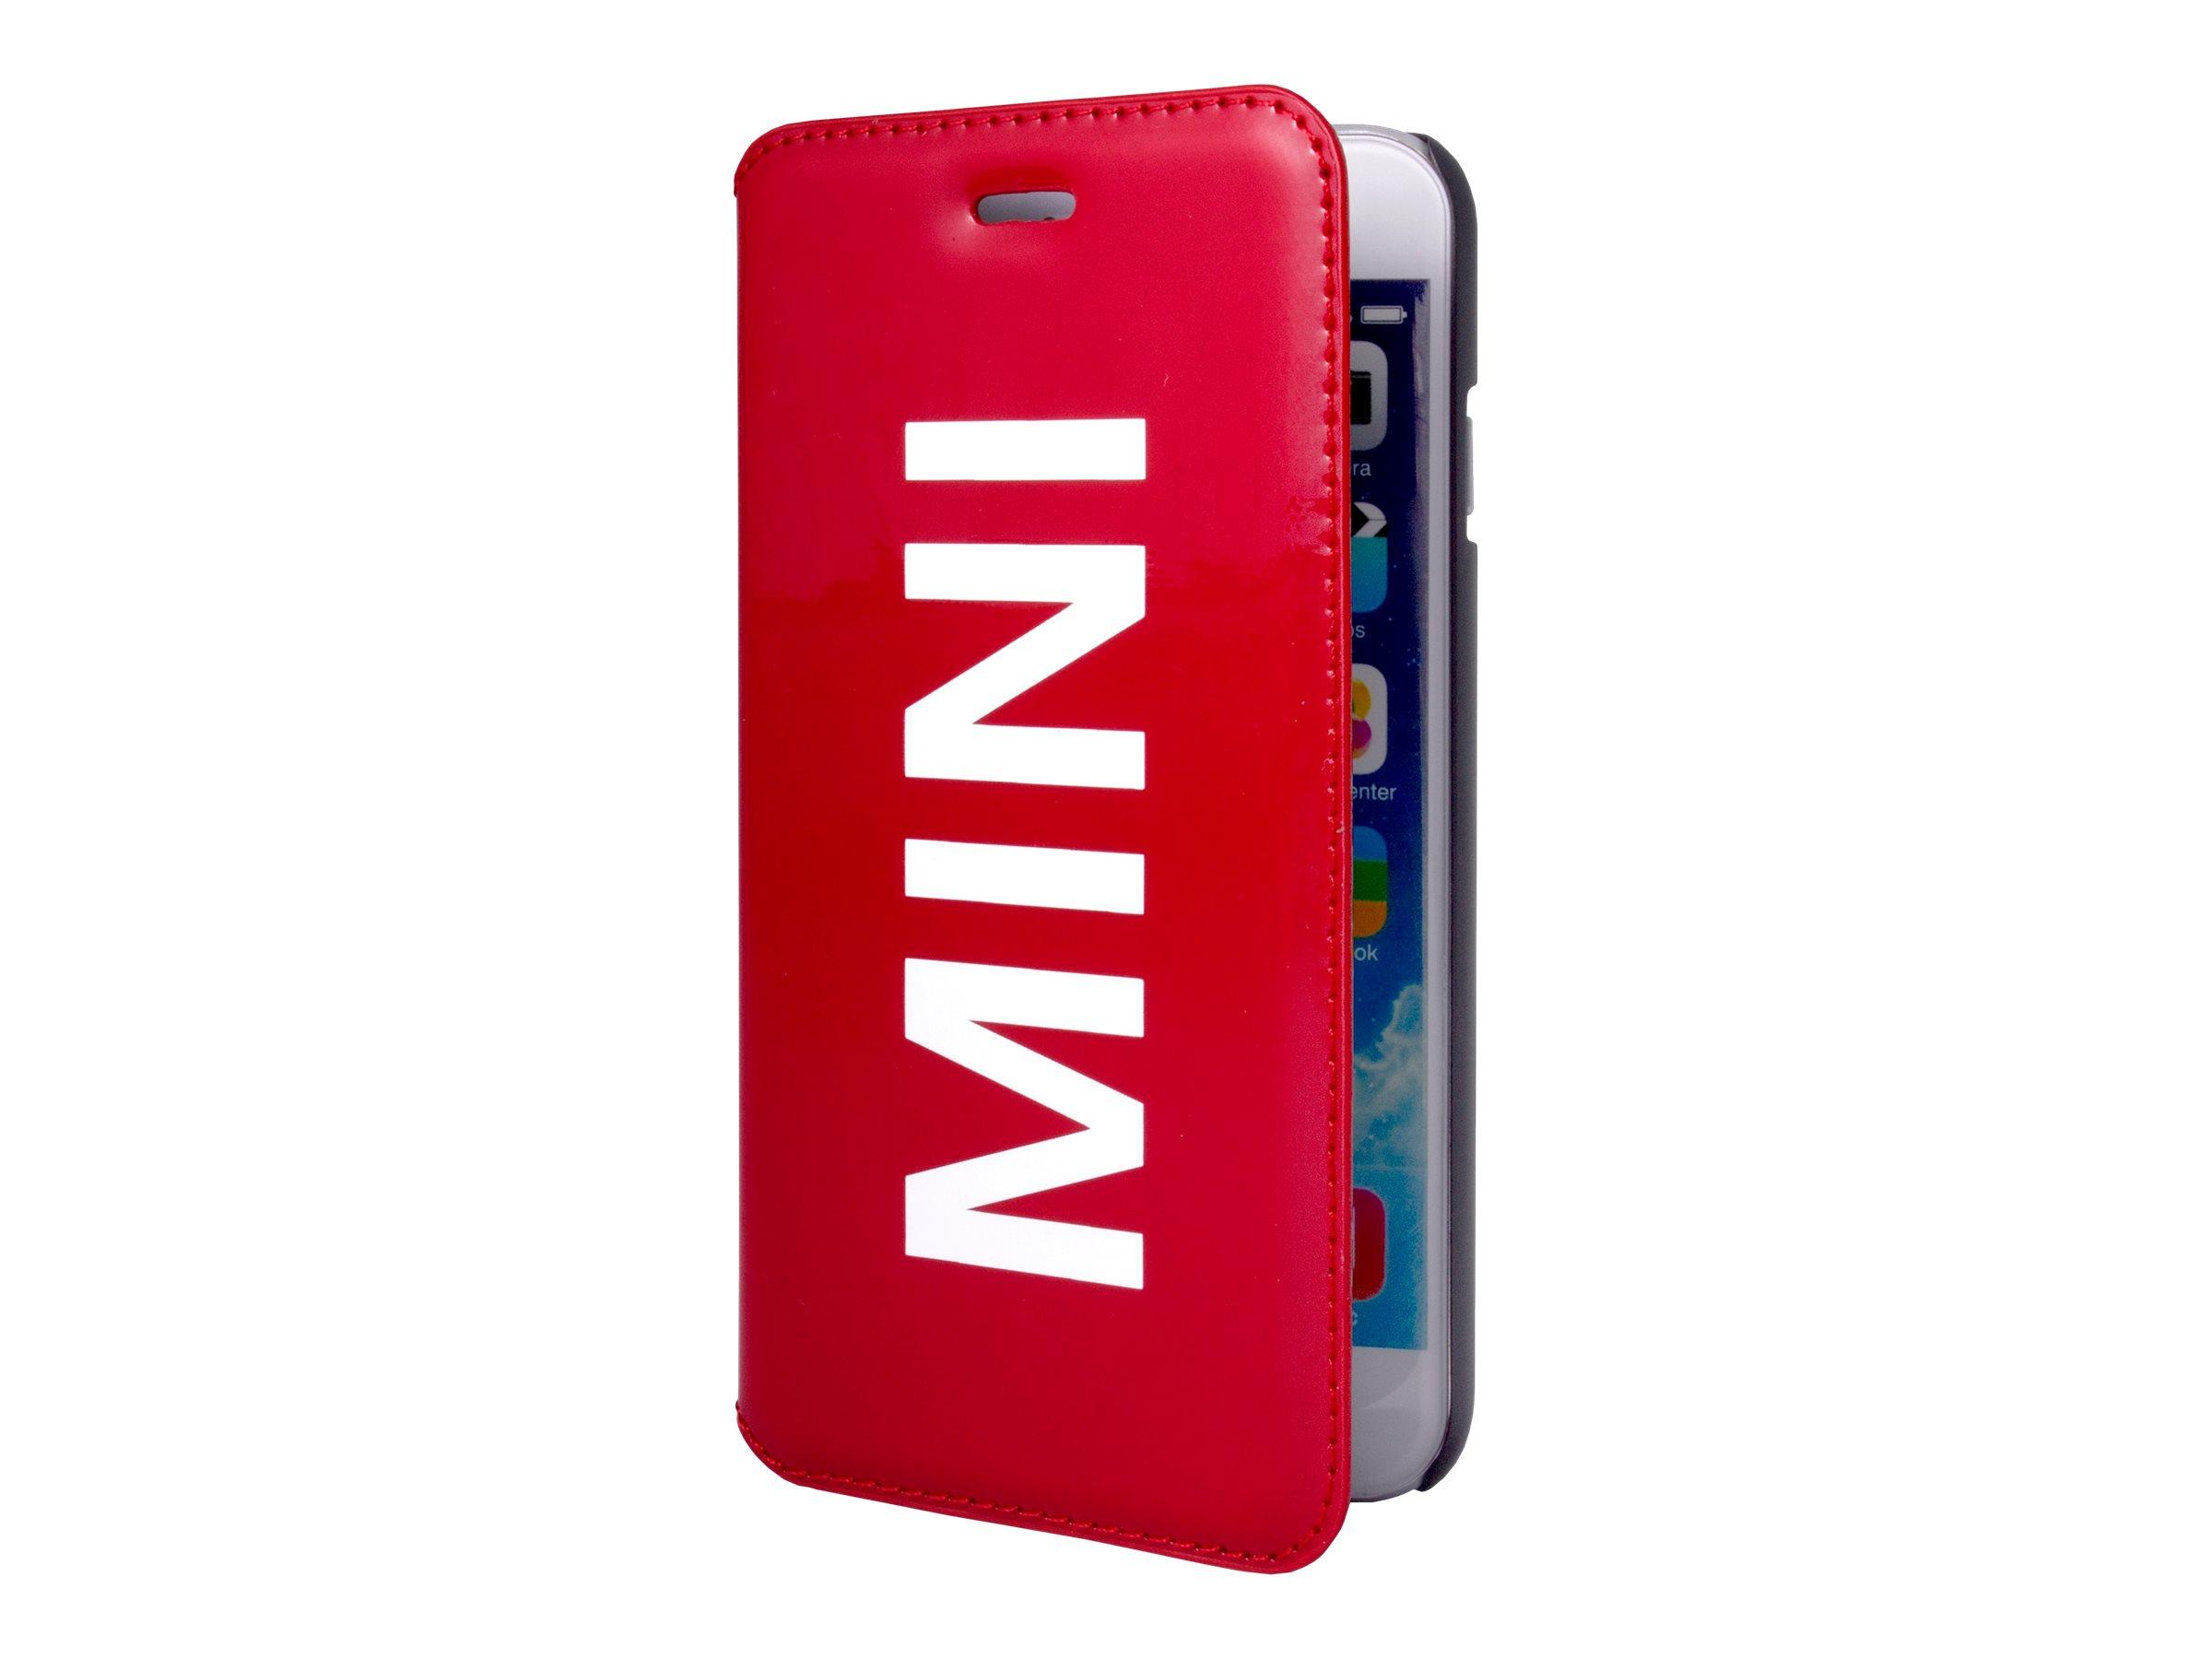 MINI étui Folio - Protection à rabat  pour iPhone 6 Plus, 6s Plus - vinyle rouge